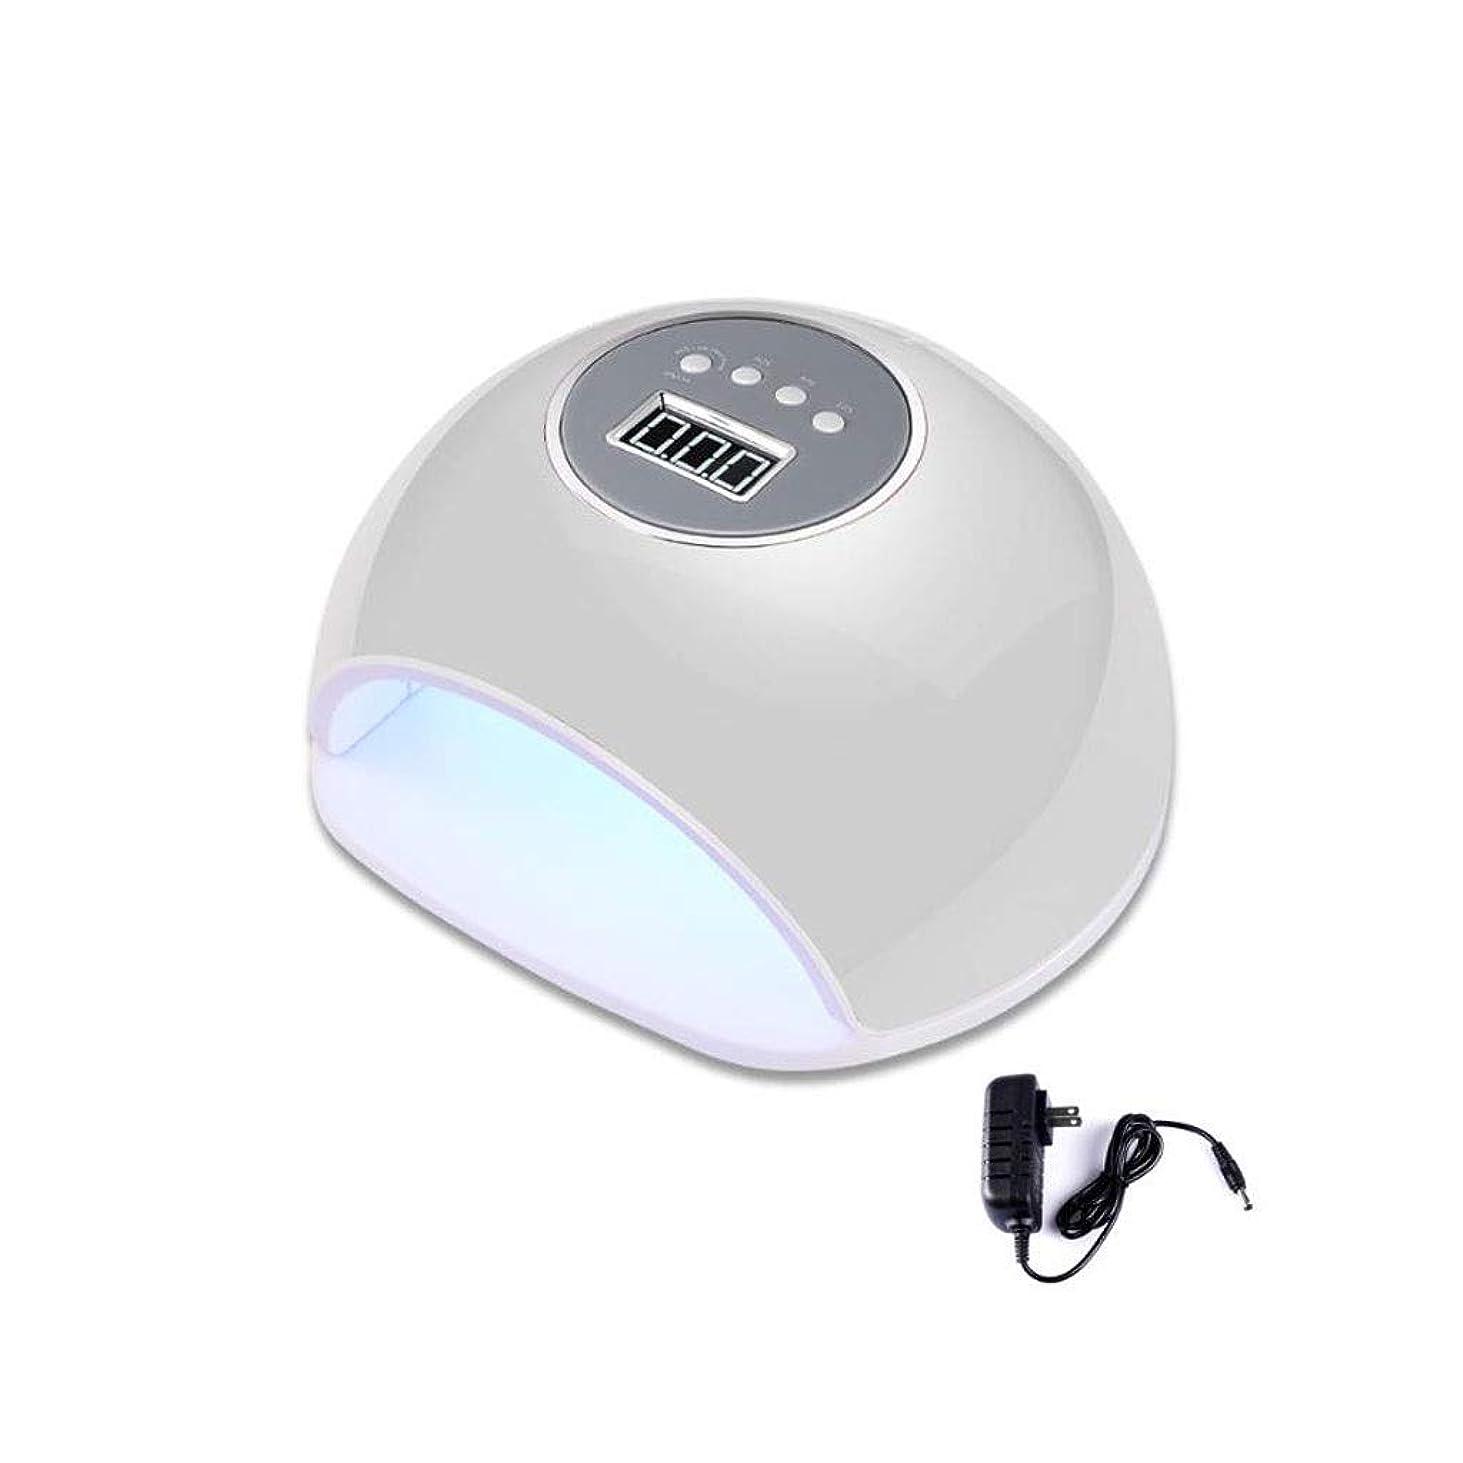 リスナー損失裏切りネイルドライヤー, ネイルドライヤー72W LED UVネイルランプ、ジェルネイルポリッシュ乾燥機硬化ランプ、プロ機マニキュア/ペディキュア (Color : A, Design : US standard flat plug)